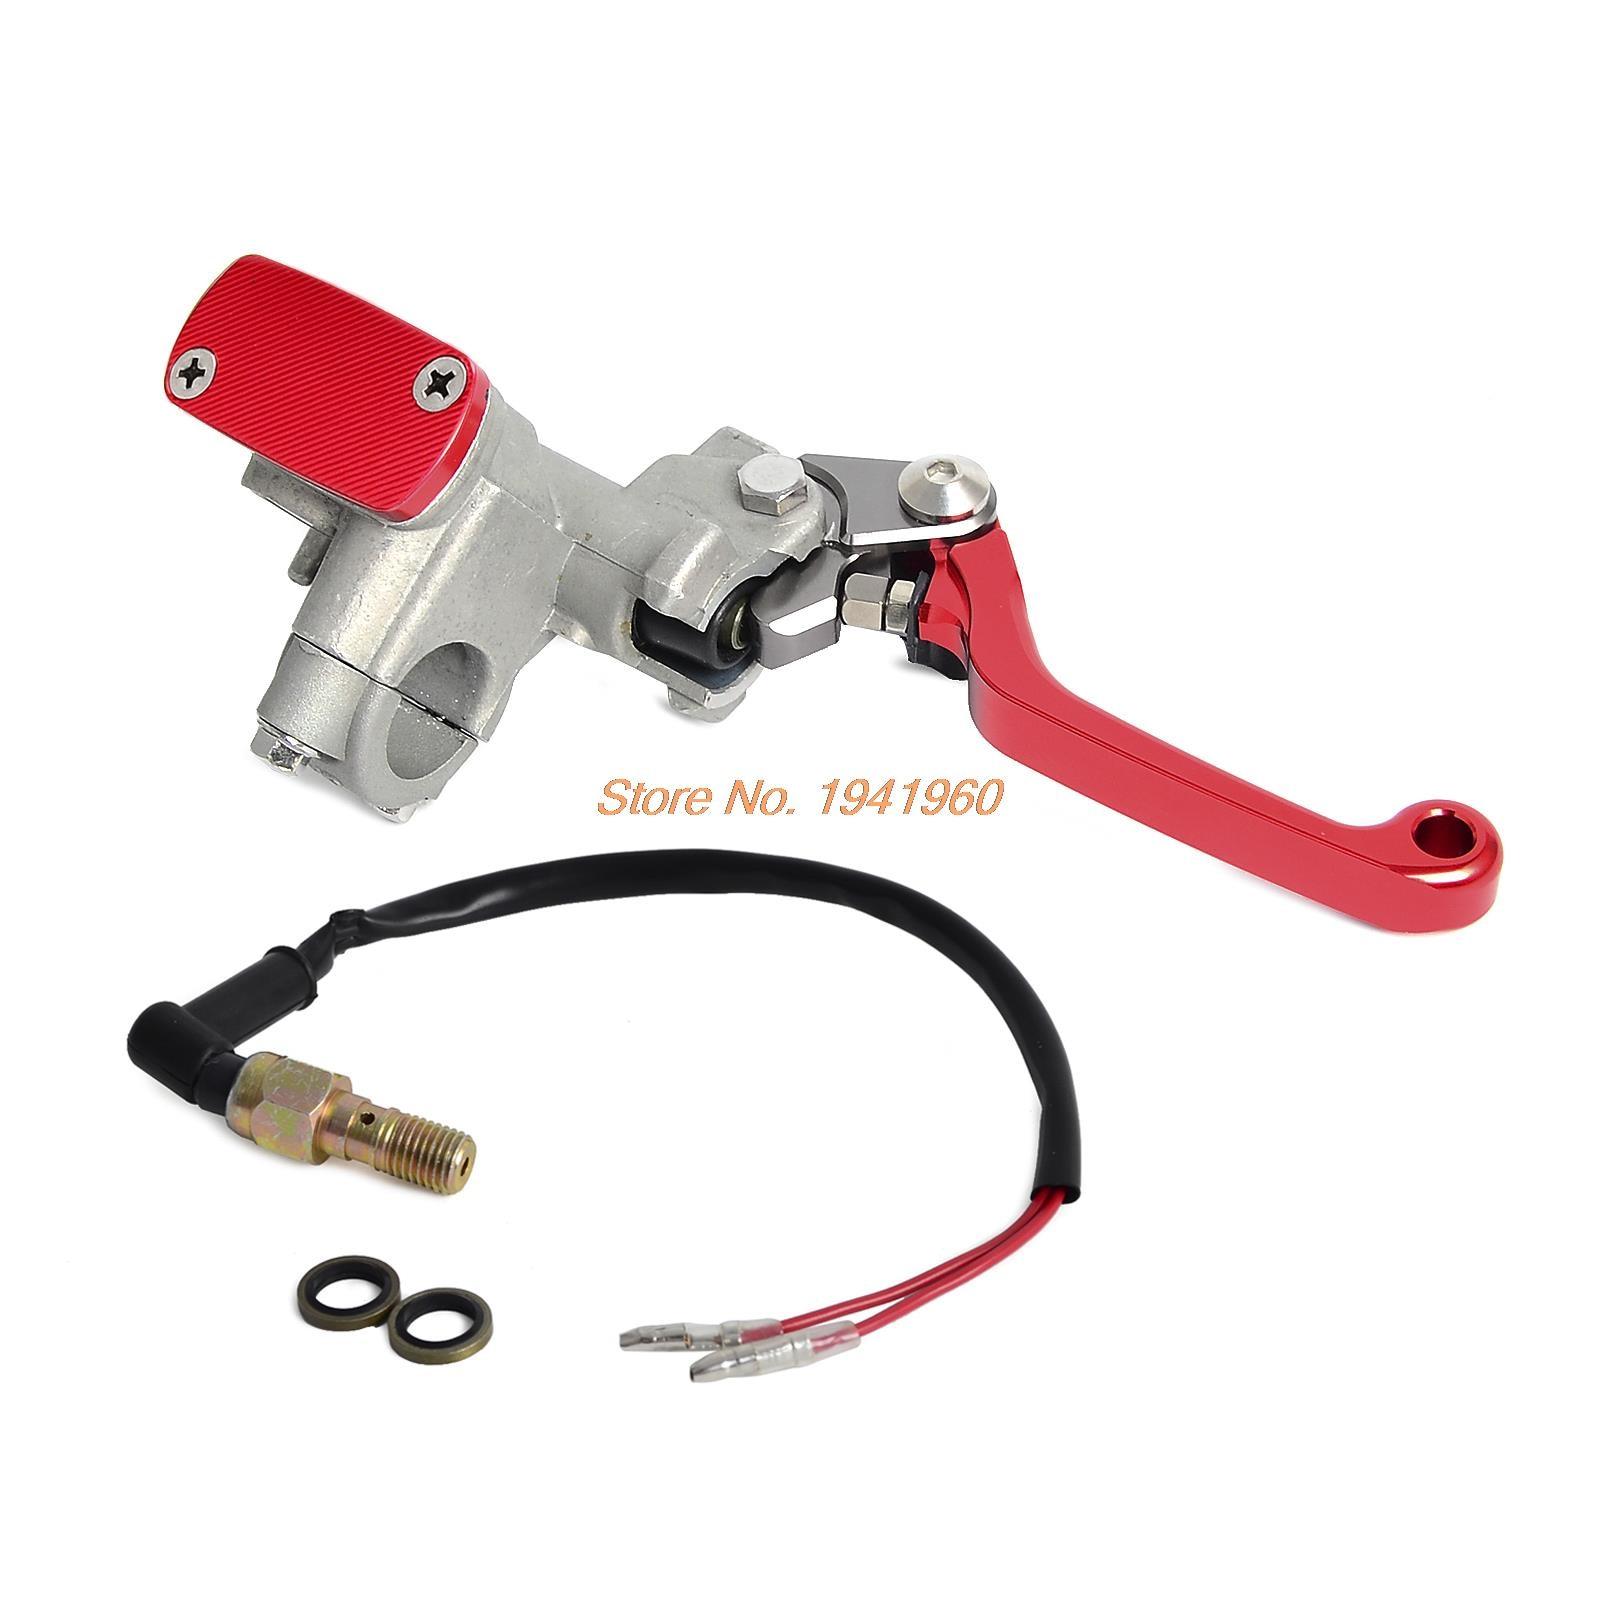 Adjustable Motorcycle Brake Levers Master Cylinder Reservoir Cap Set For Honda CRF450R CRF450X  XR400R XR650R  <br>